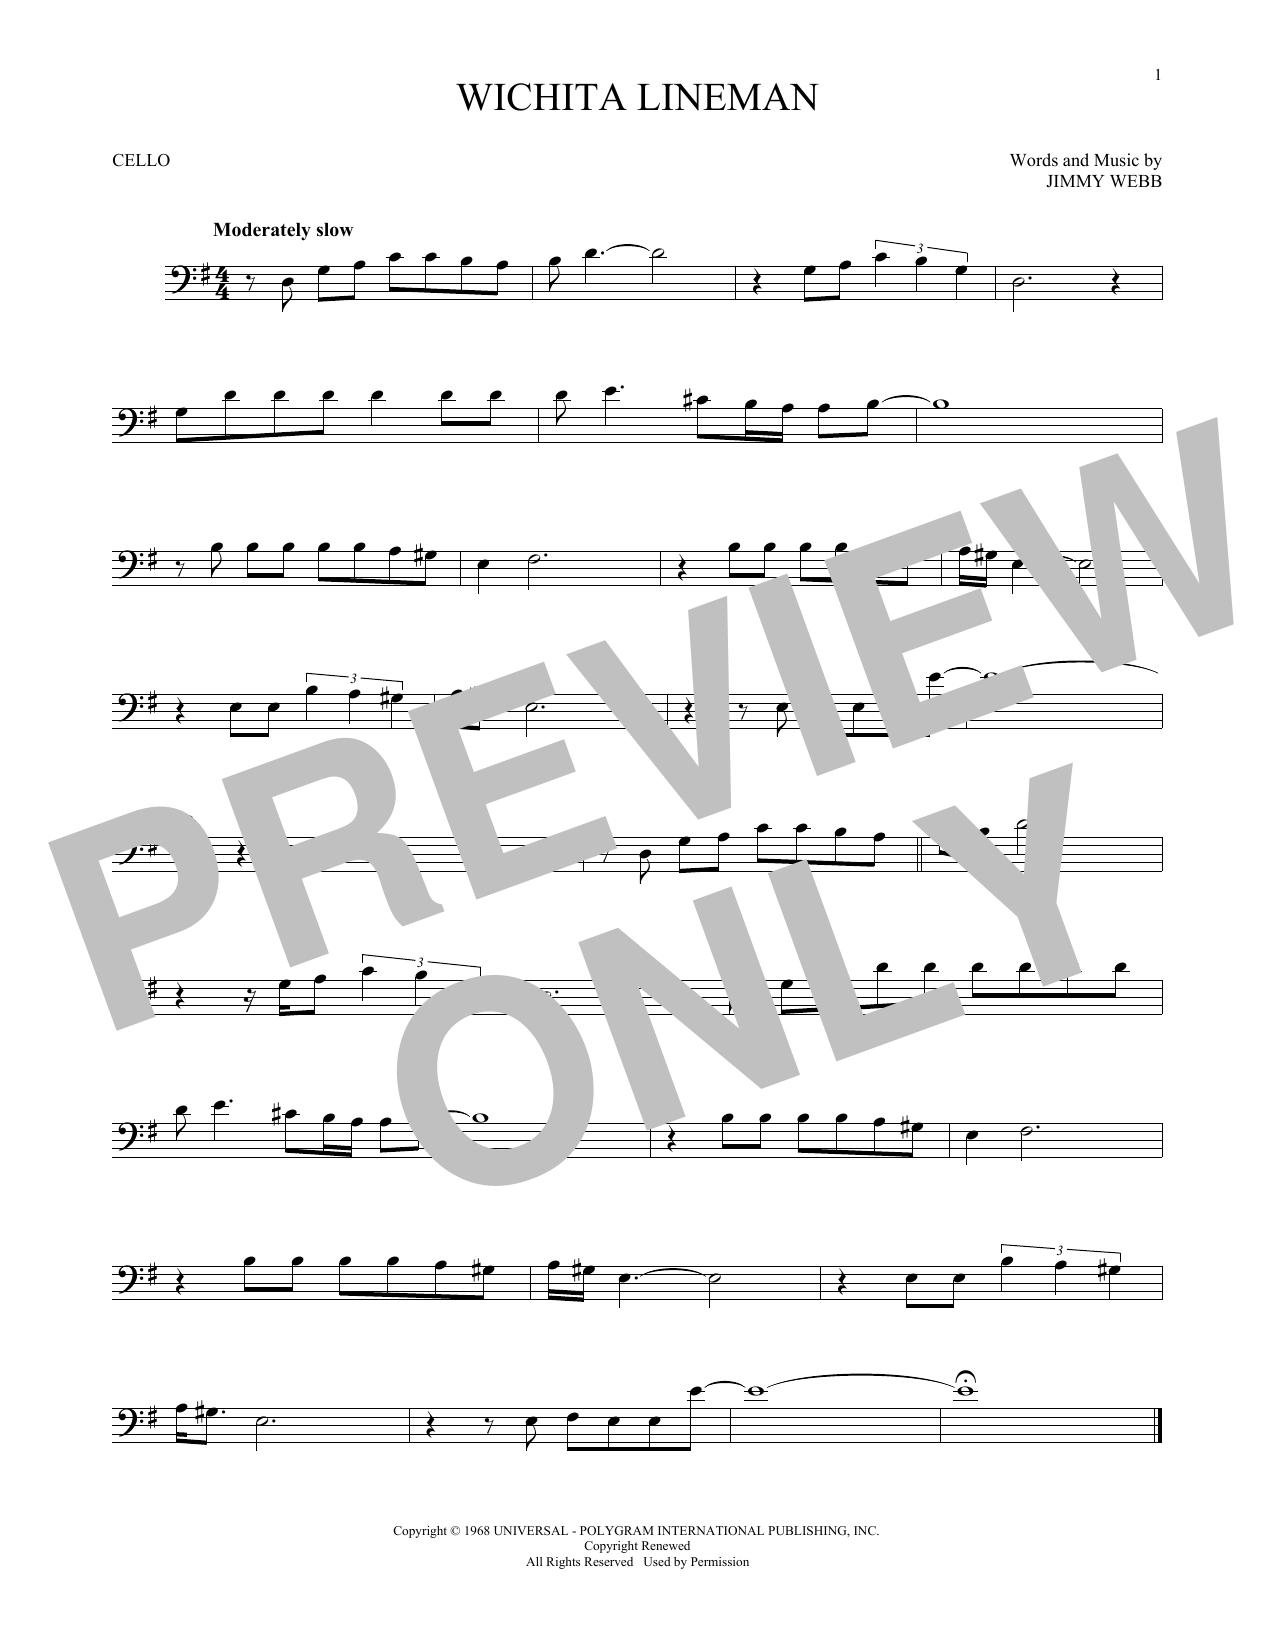 Wichita Lineman (Cello Solo)